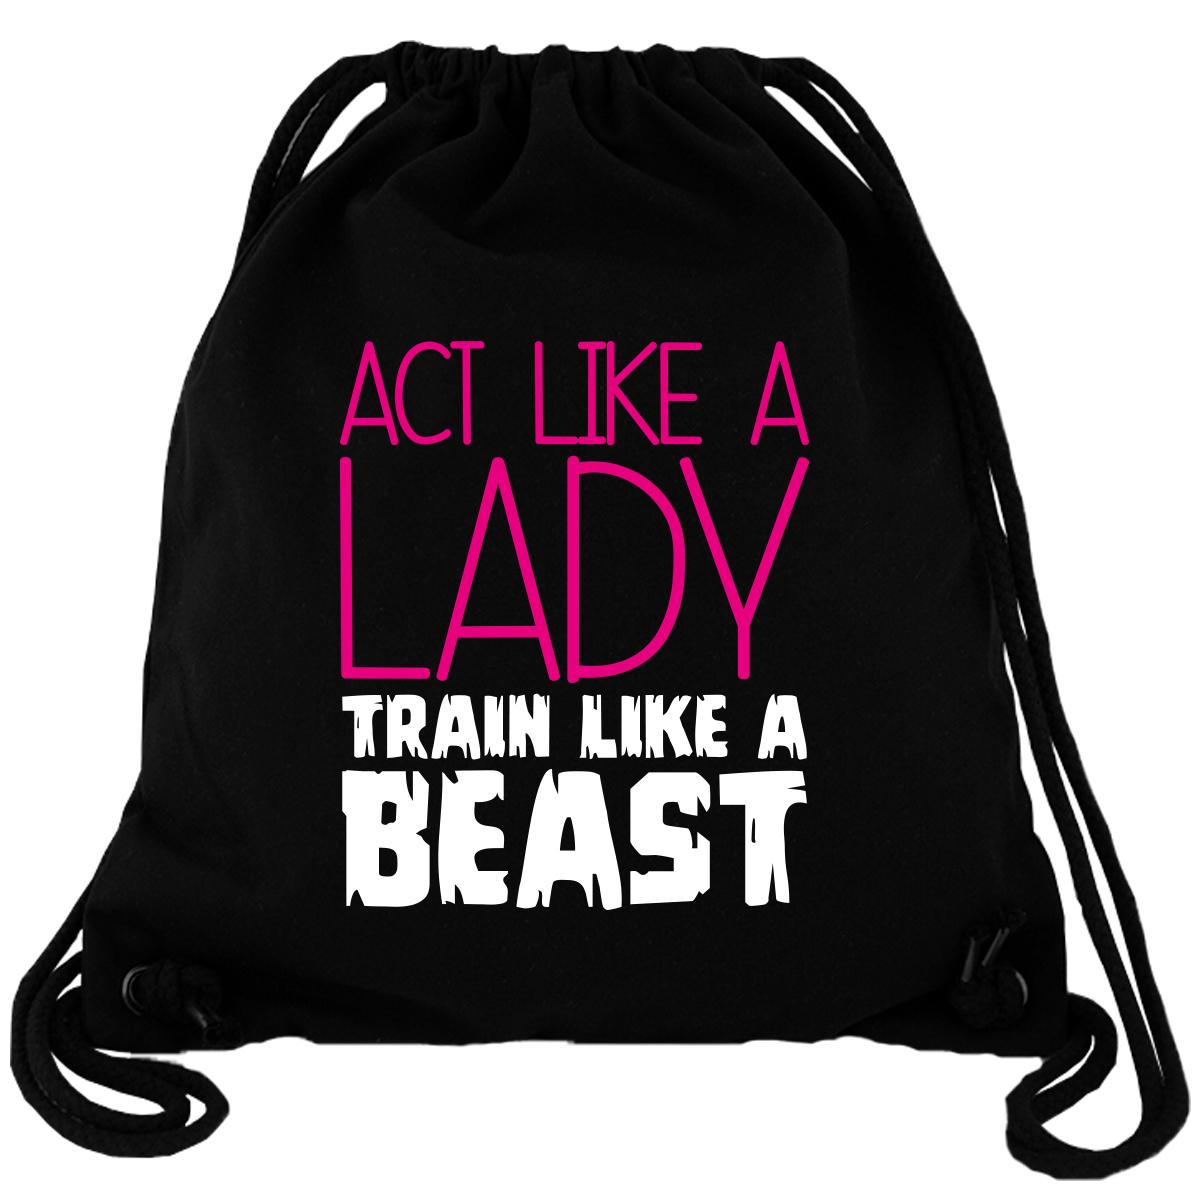 Act Like A Lady Train Like A Beast - Gym Bag Turnbeutel